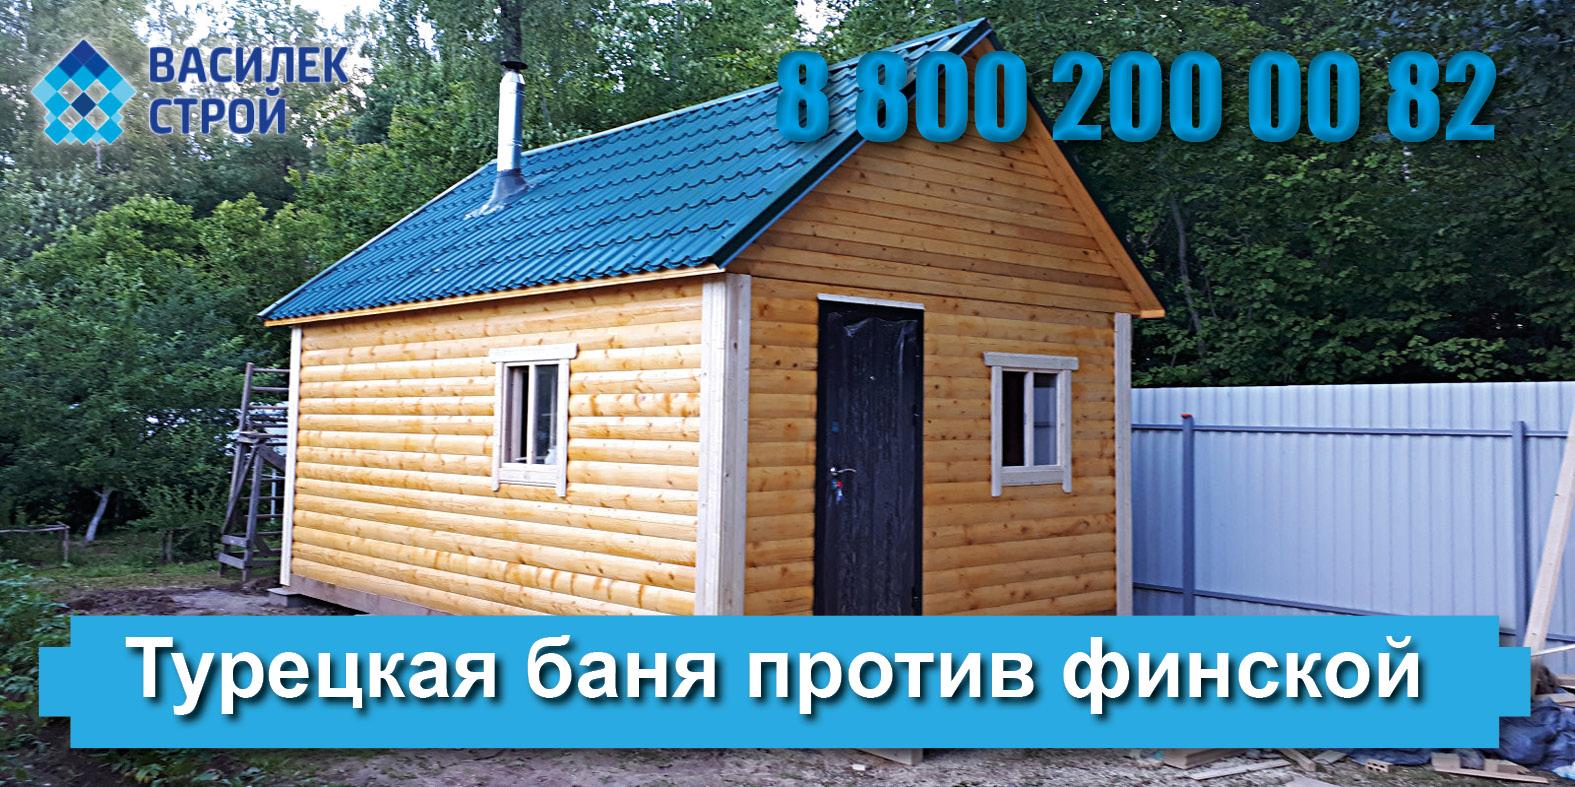 Что лучше выбрать: финская сауна или русская баня: чем отличается турецкая баня: какие преимущества и недостатки они имеют